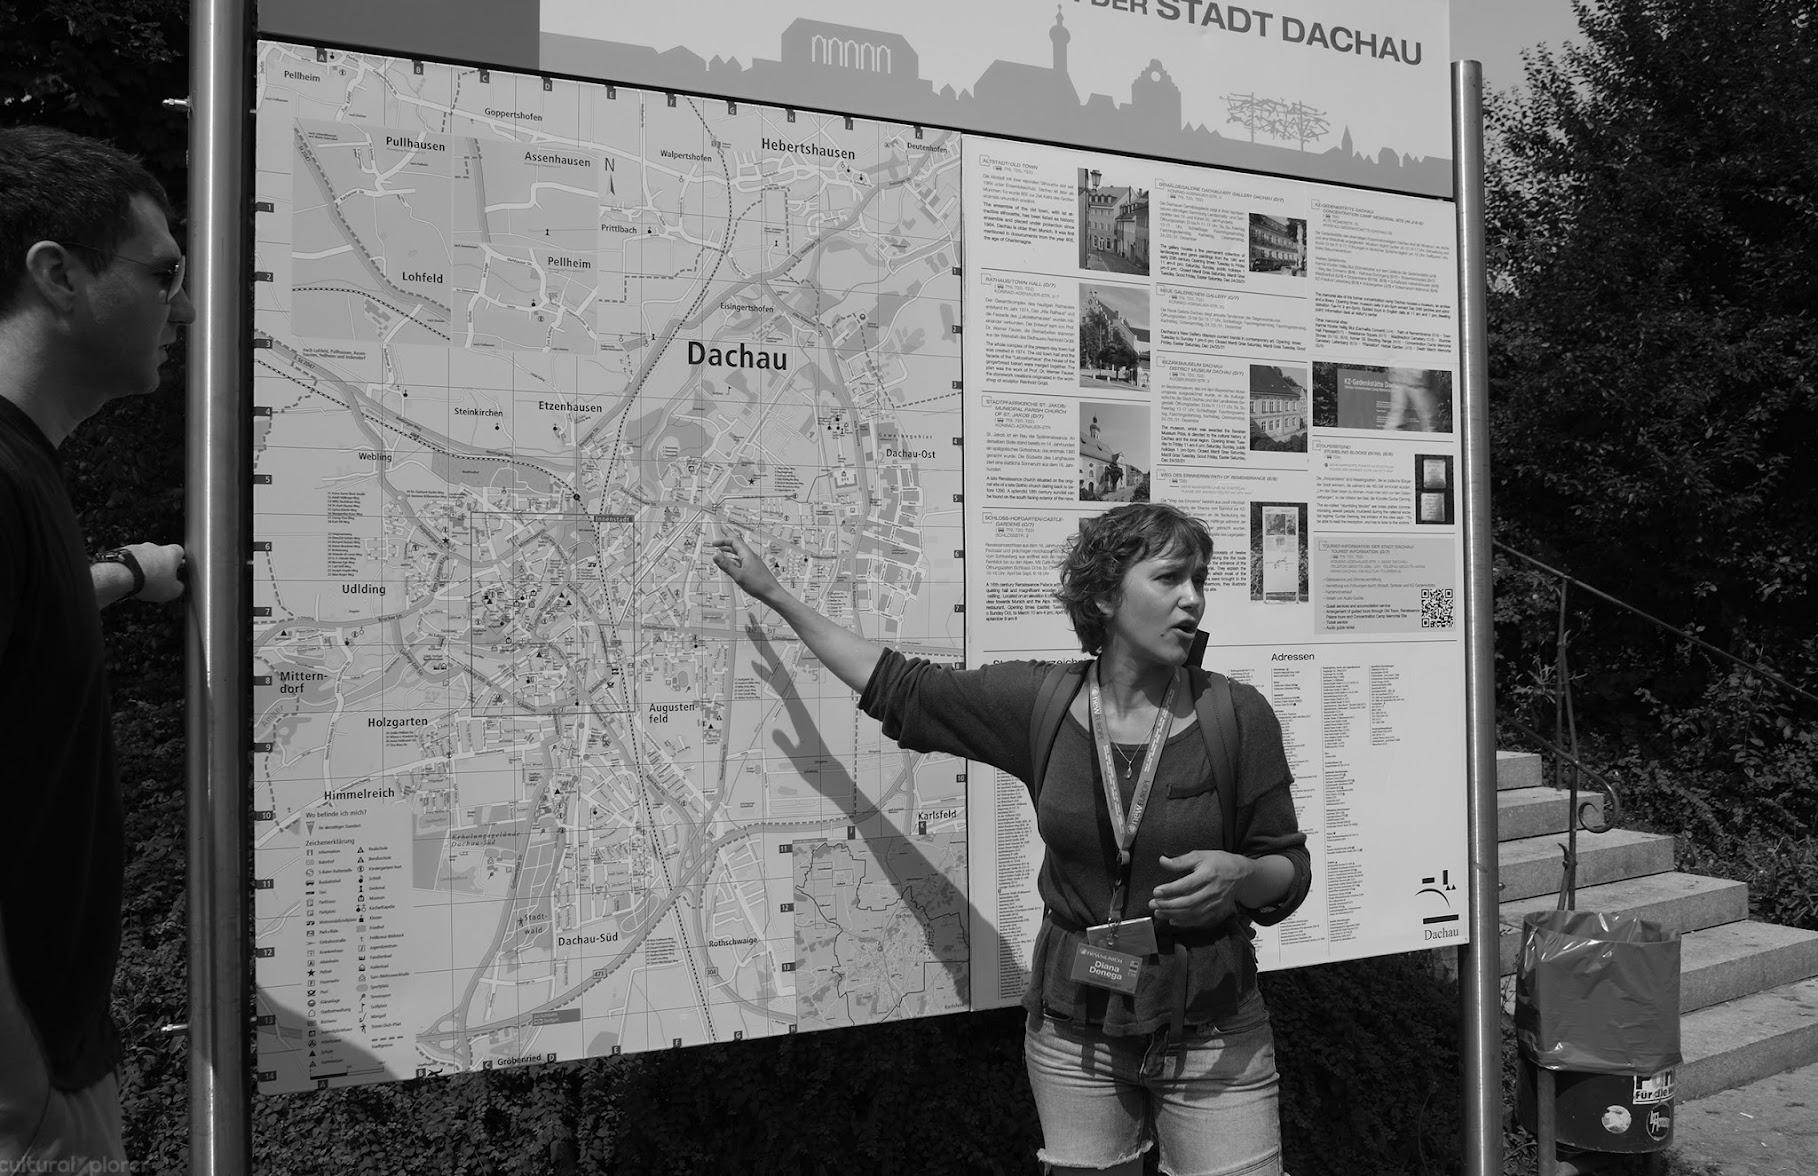 Dachau Map